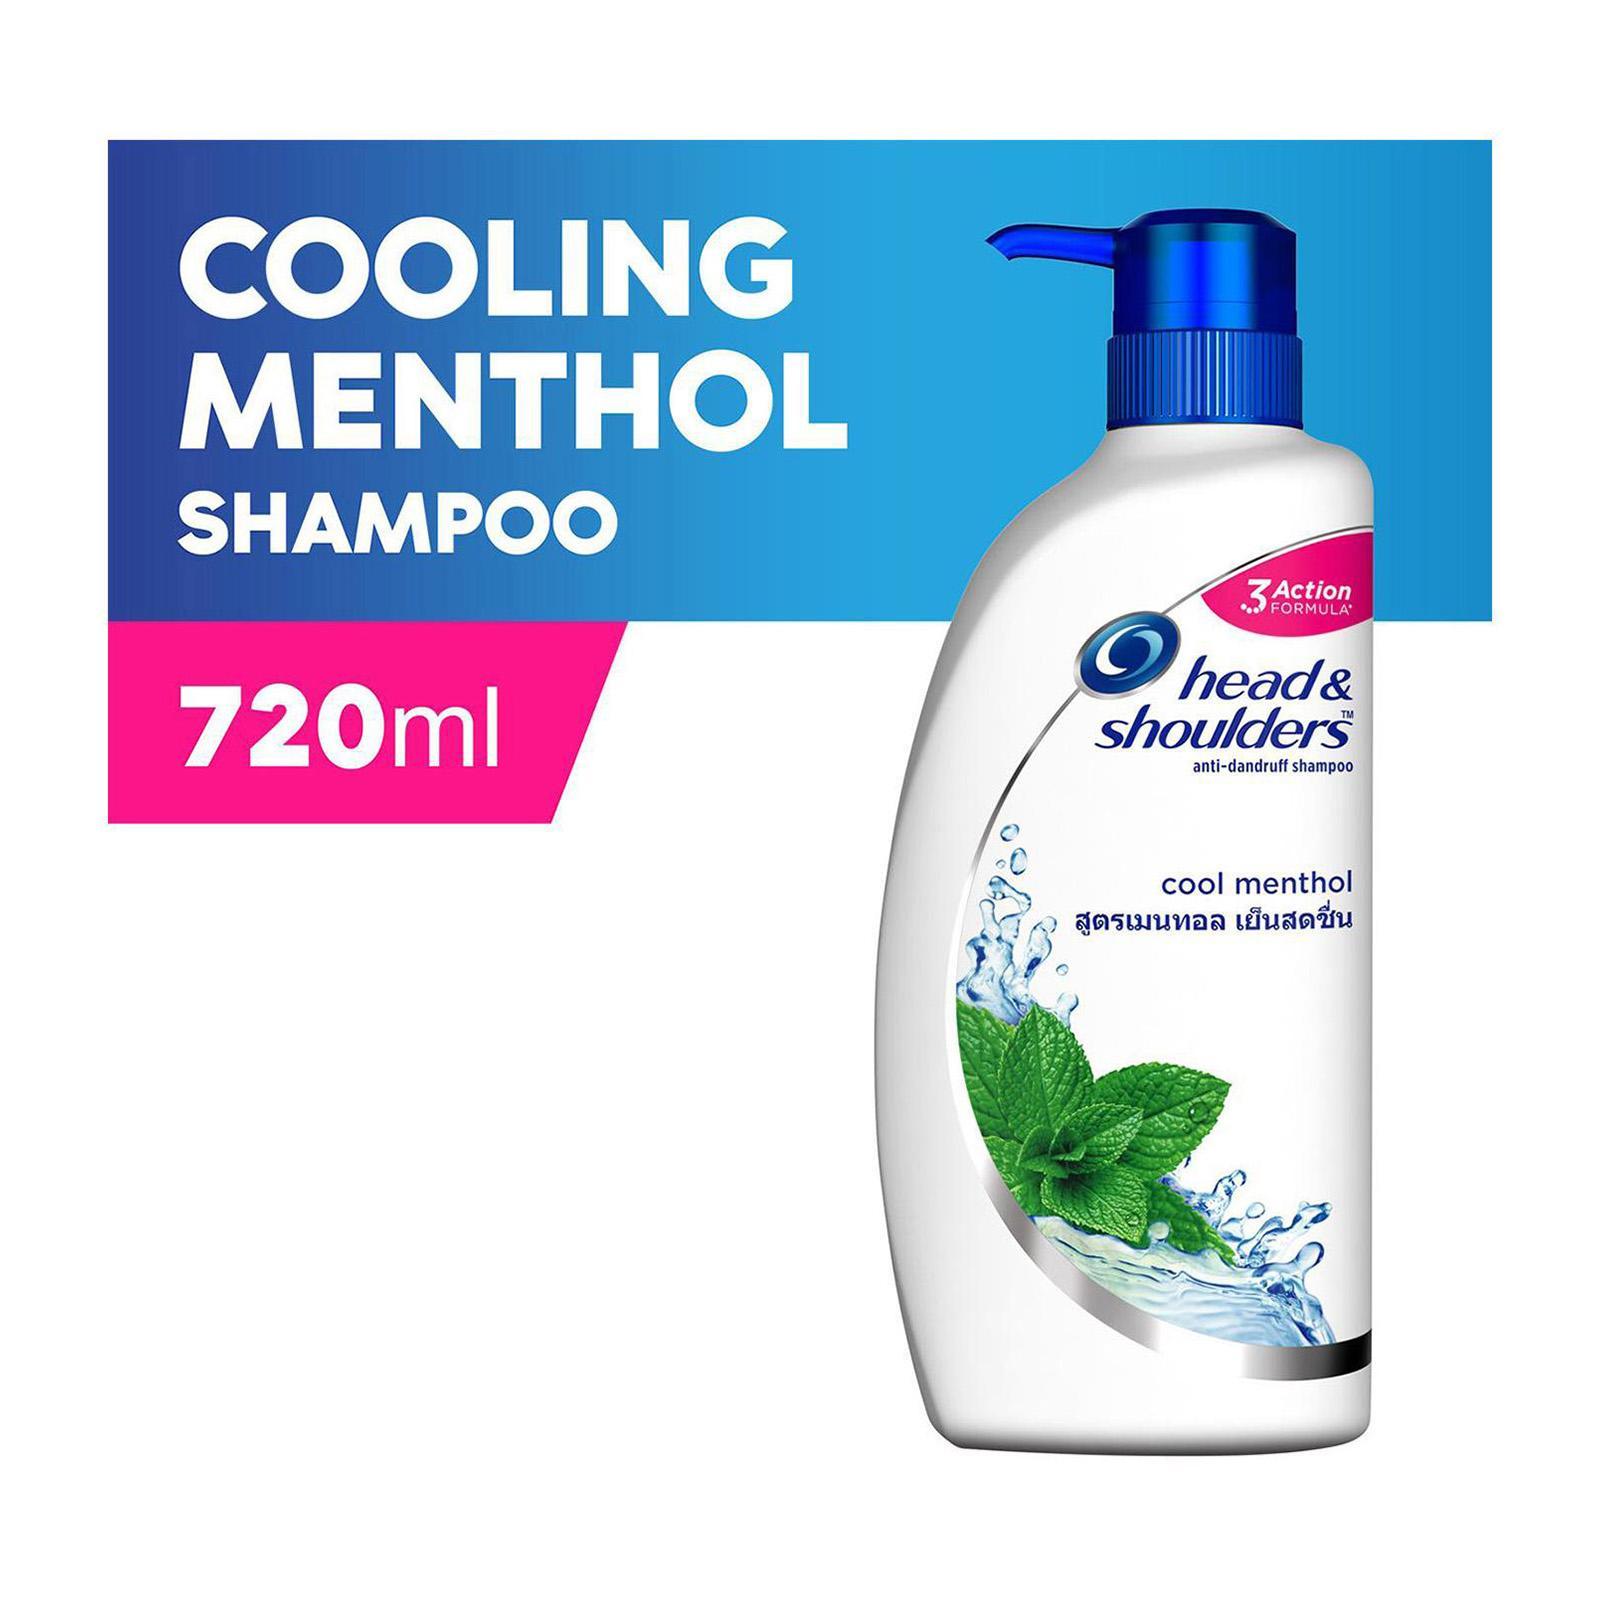 Head & Shoulders Cool Menthol Anti-Dandruff Shampoo 720ml